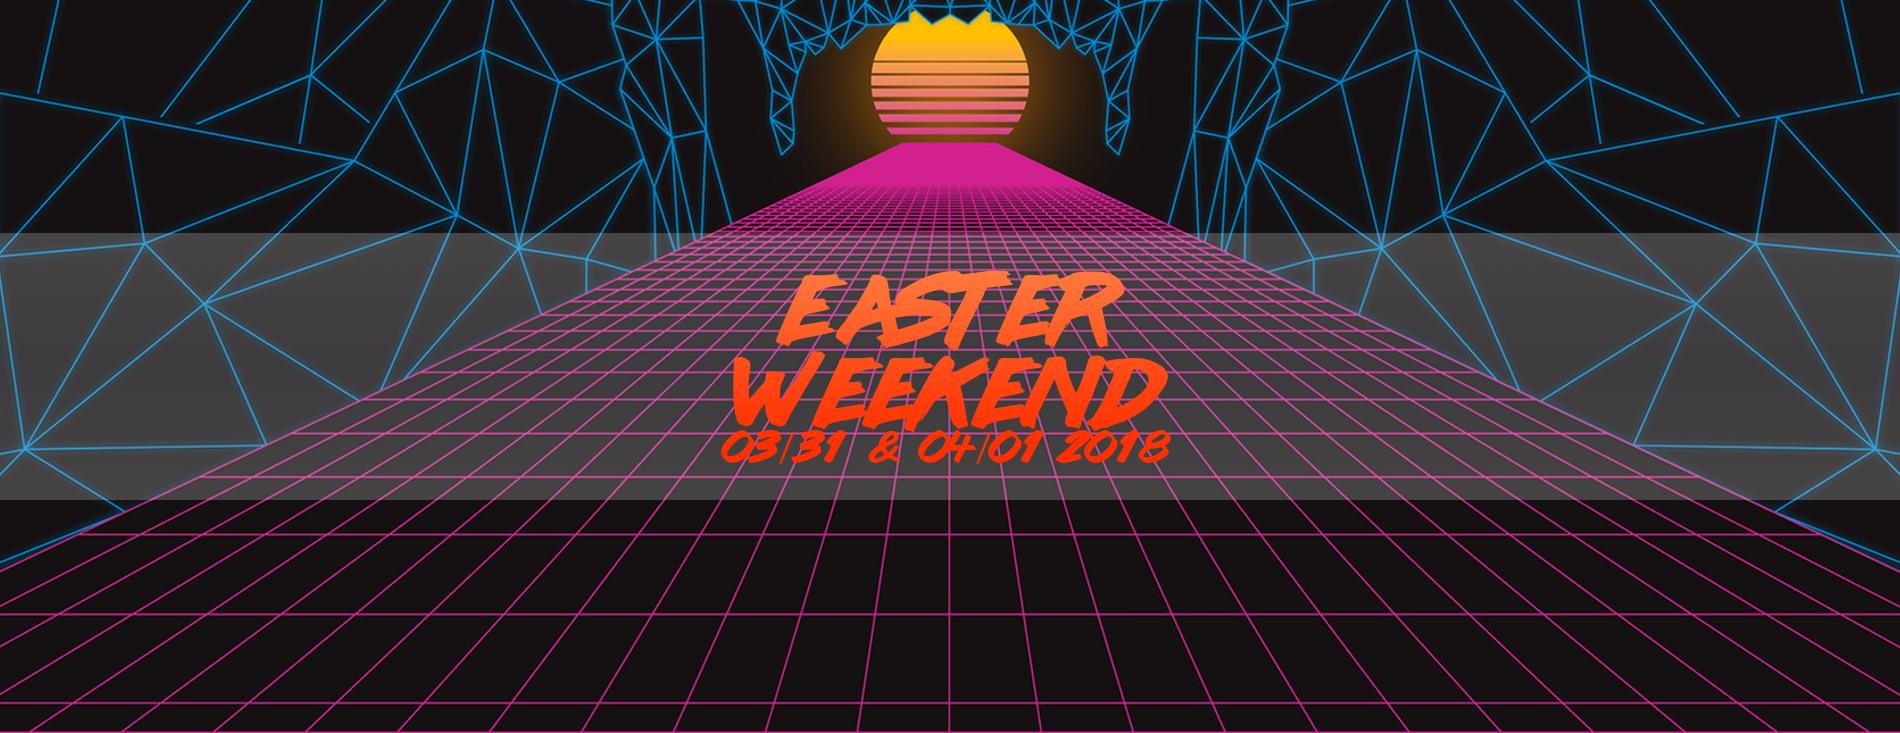 EASTER Weekend @ Crosspoint